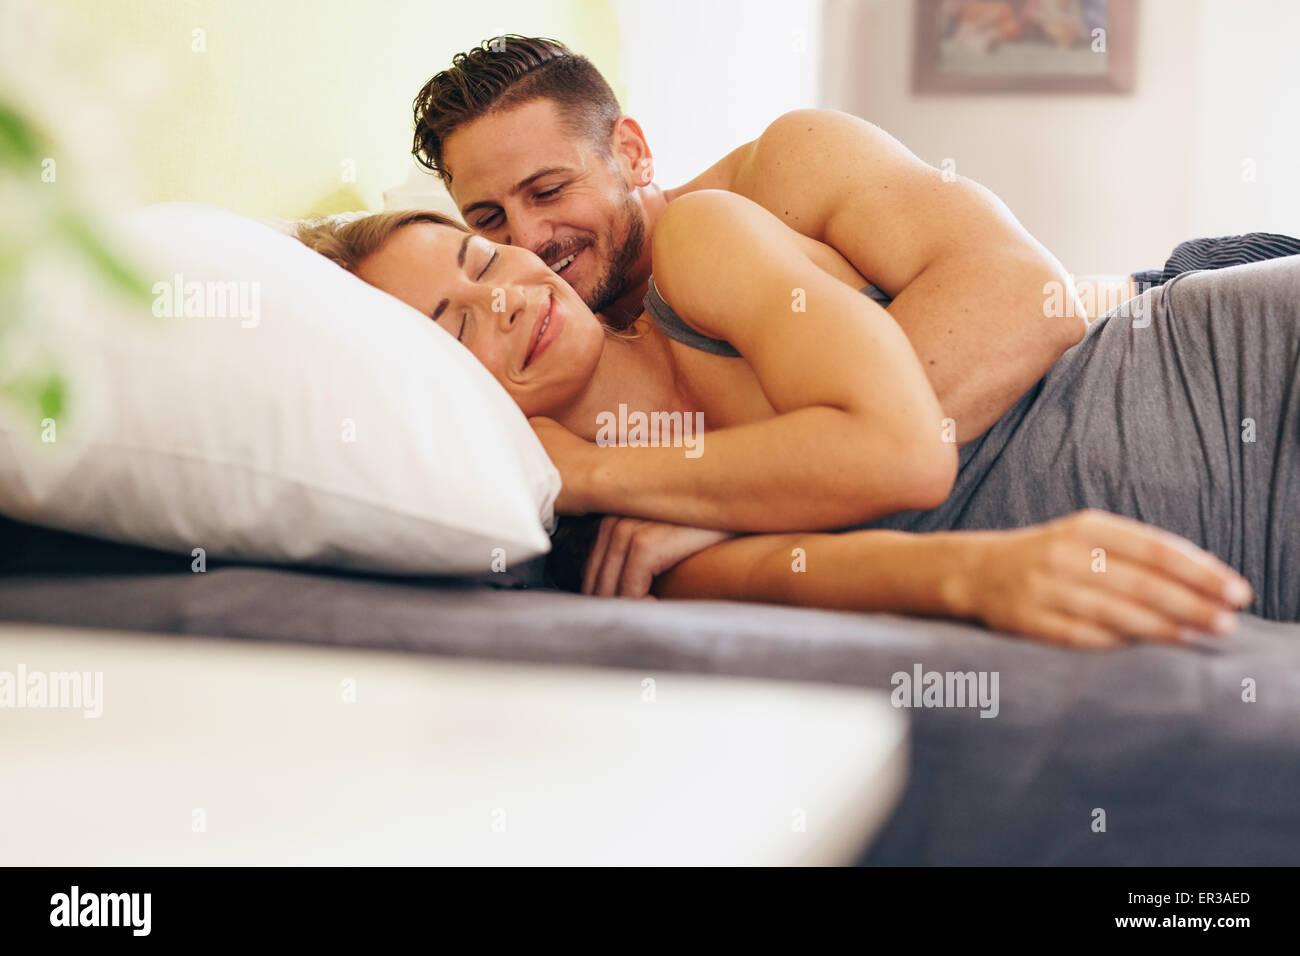 Junges Paar auf Bett liegend zusammen im Schlafzimmer verliebt. Glücklicher Mann und Frau morgens aufwachen. Stockbild